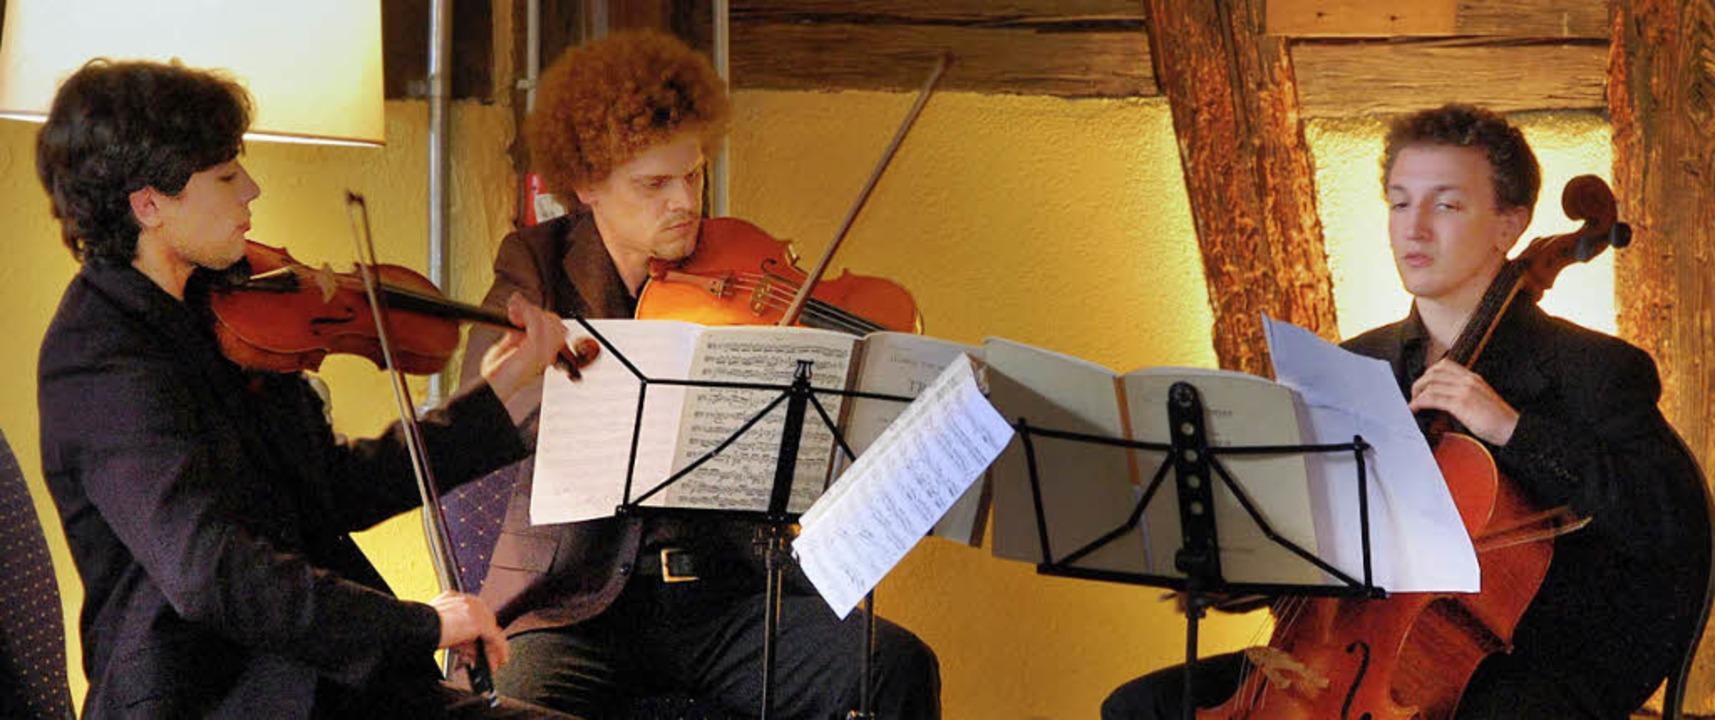 Musik von Ludwig van Beethoven spielte... Weingut Gleichenstein in Oberrotweil.  | Foto: kai kricheldorff